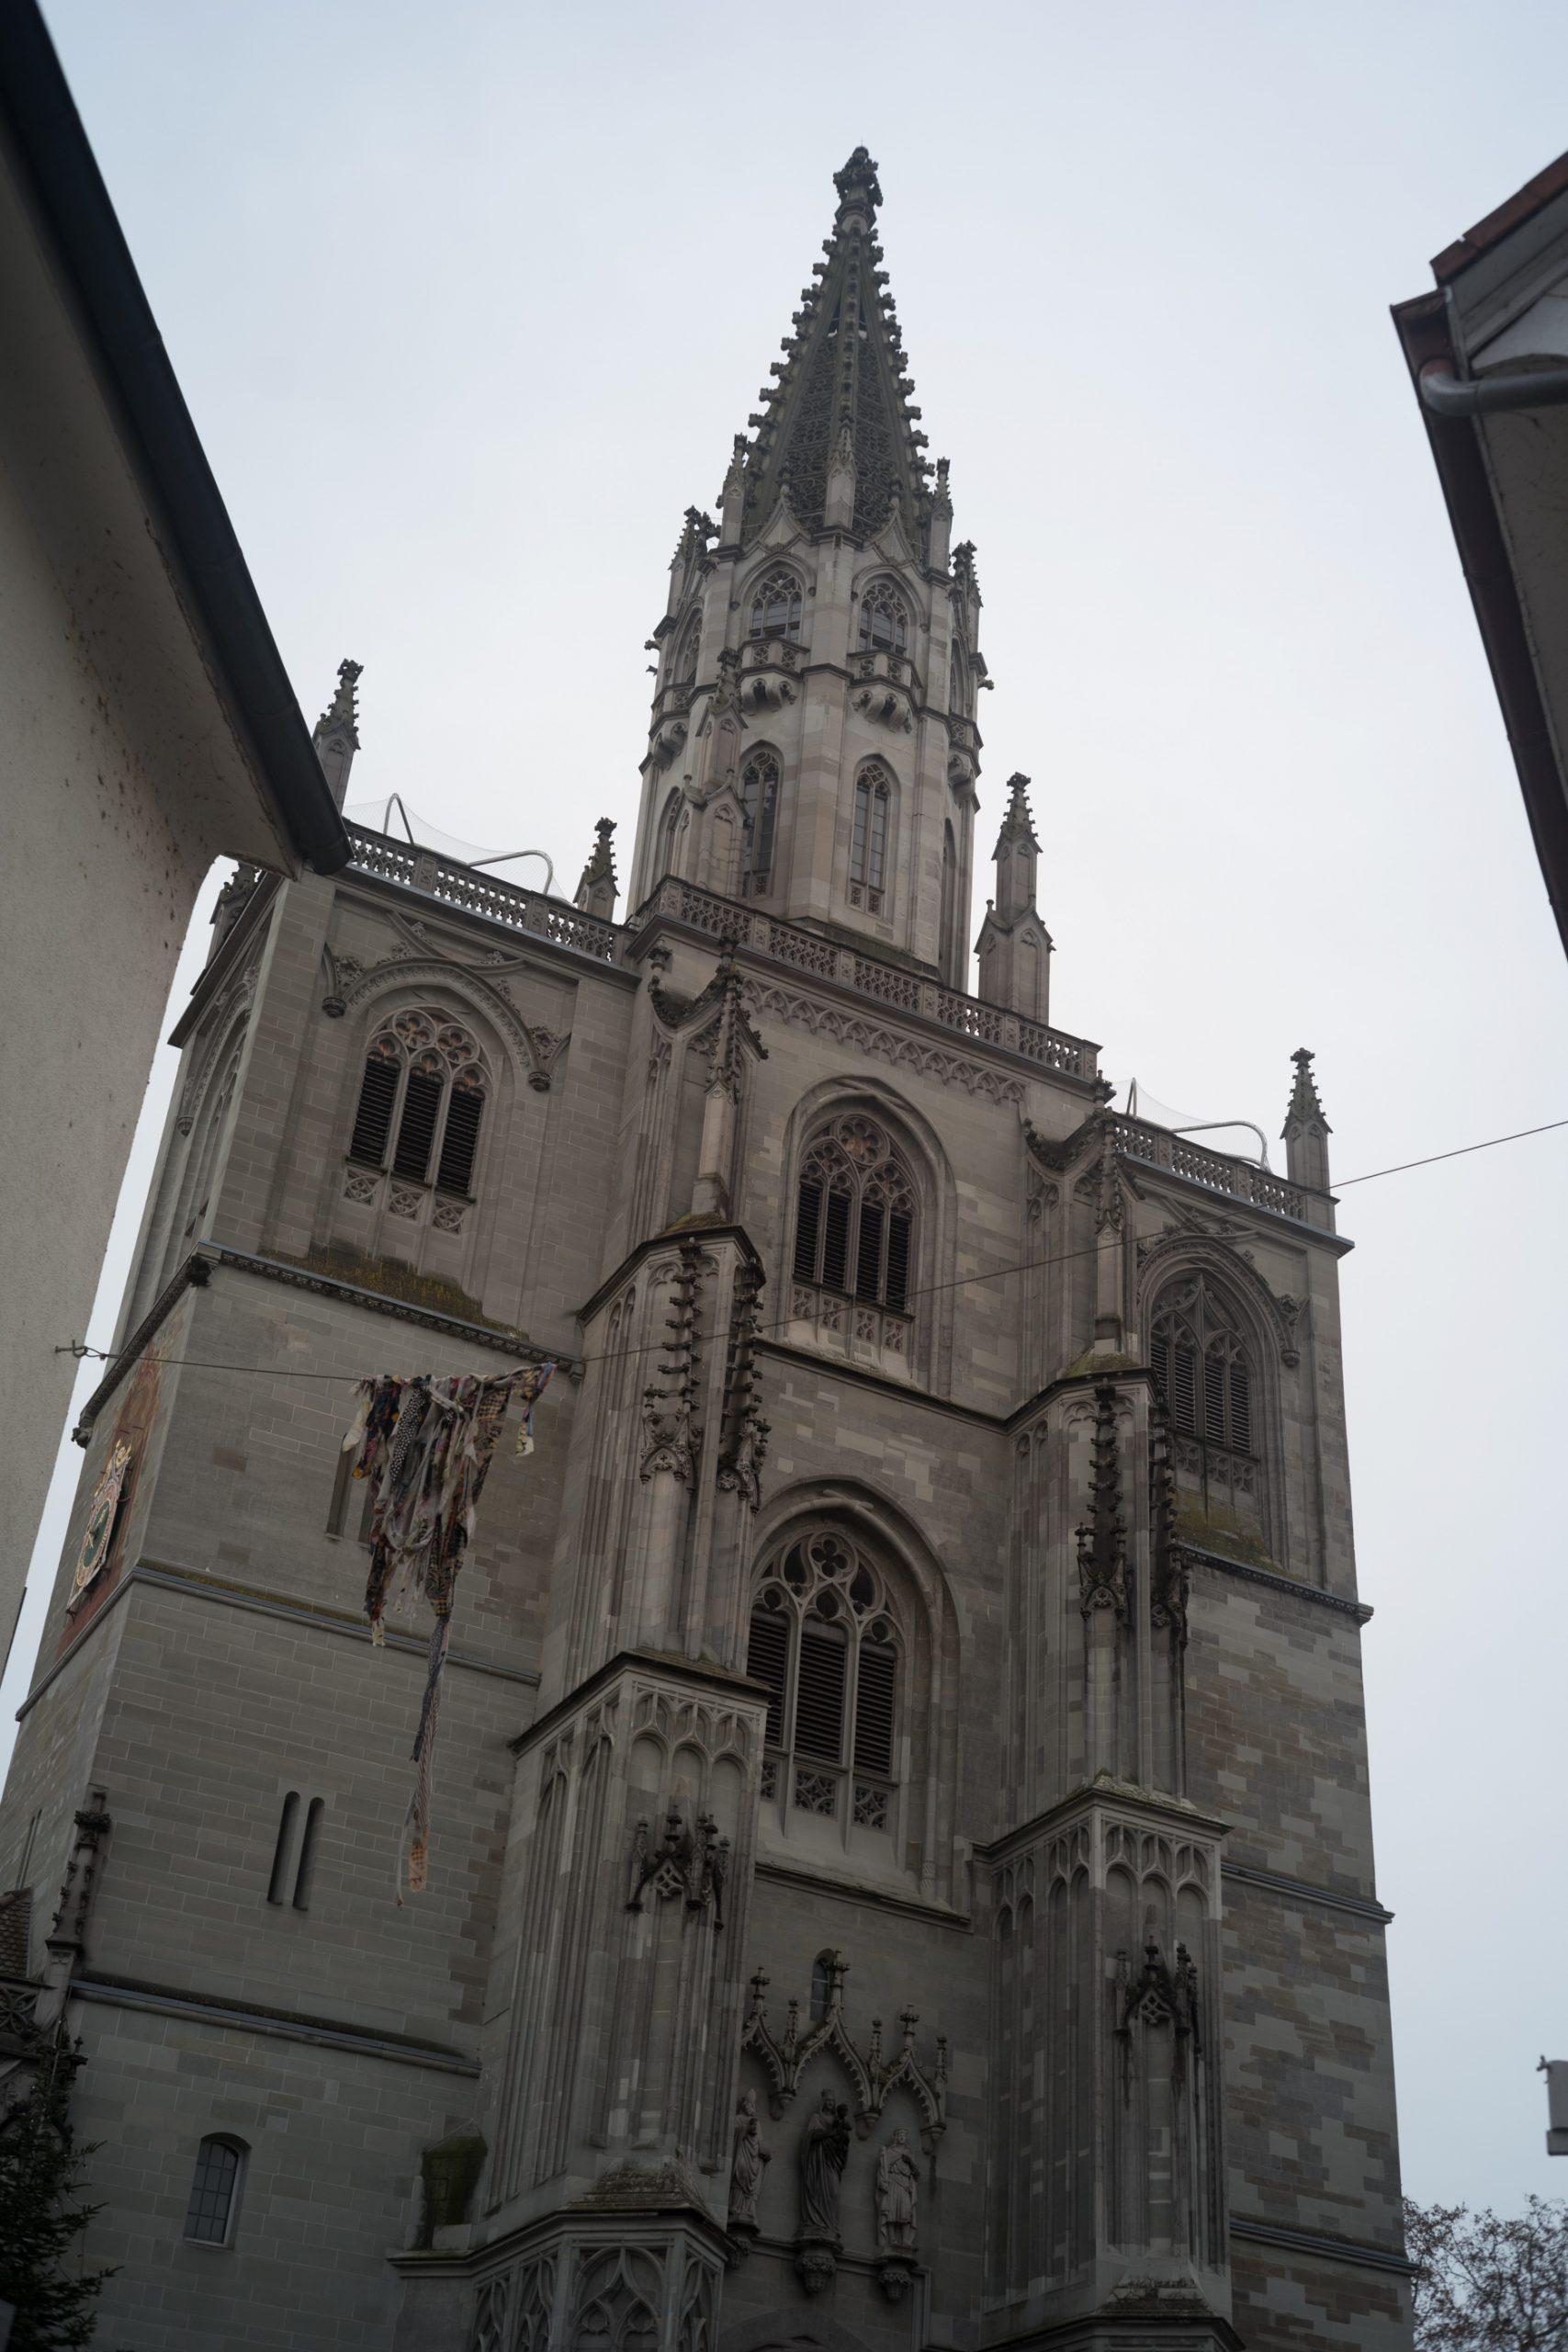 Das Konstanzer Münster ist in jeder Hinsicht eine interessante Kirche. Hier dient es aber nur dazu, die feine Auflösung des Rollei-Sonnars auch an einer 24-MP-Kamera zu zeigen. Rollei Sonnar 40/2.8 an Leica SL.